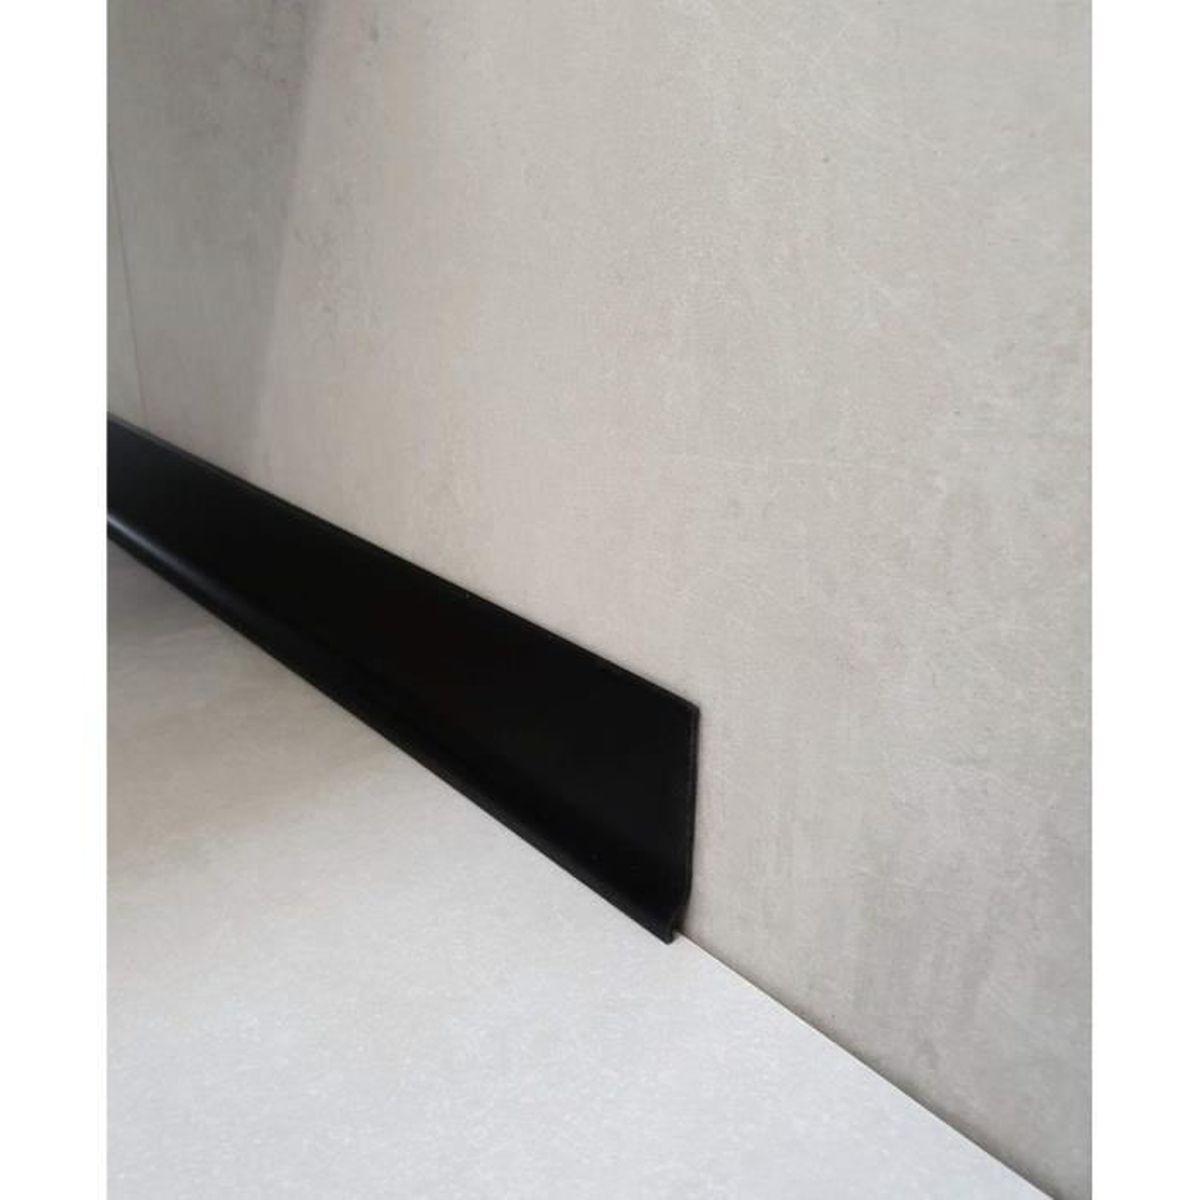 Plinthe Souple En Pvc Grande Qualite De Madeinnature Hauteur 70 Mm Longueur 10ml Noir Achat Vente Plinthe Pvc Plinthe Souple En Pvc Grand Cdiscount